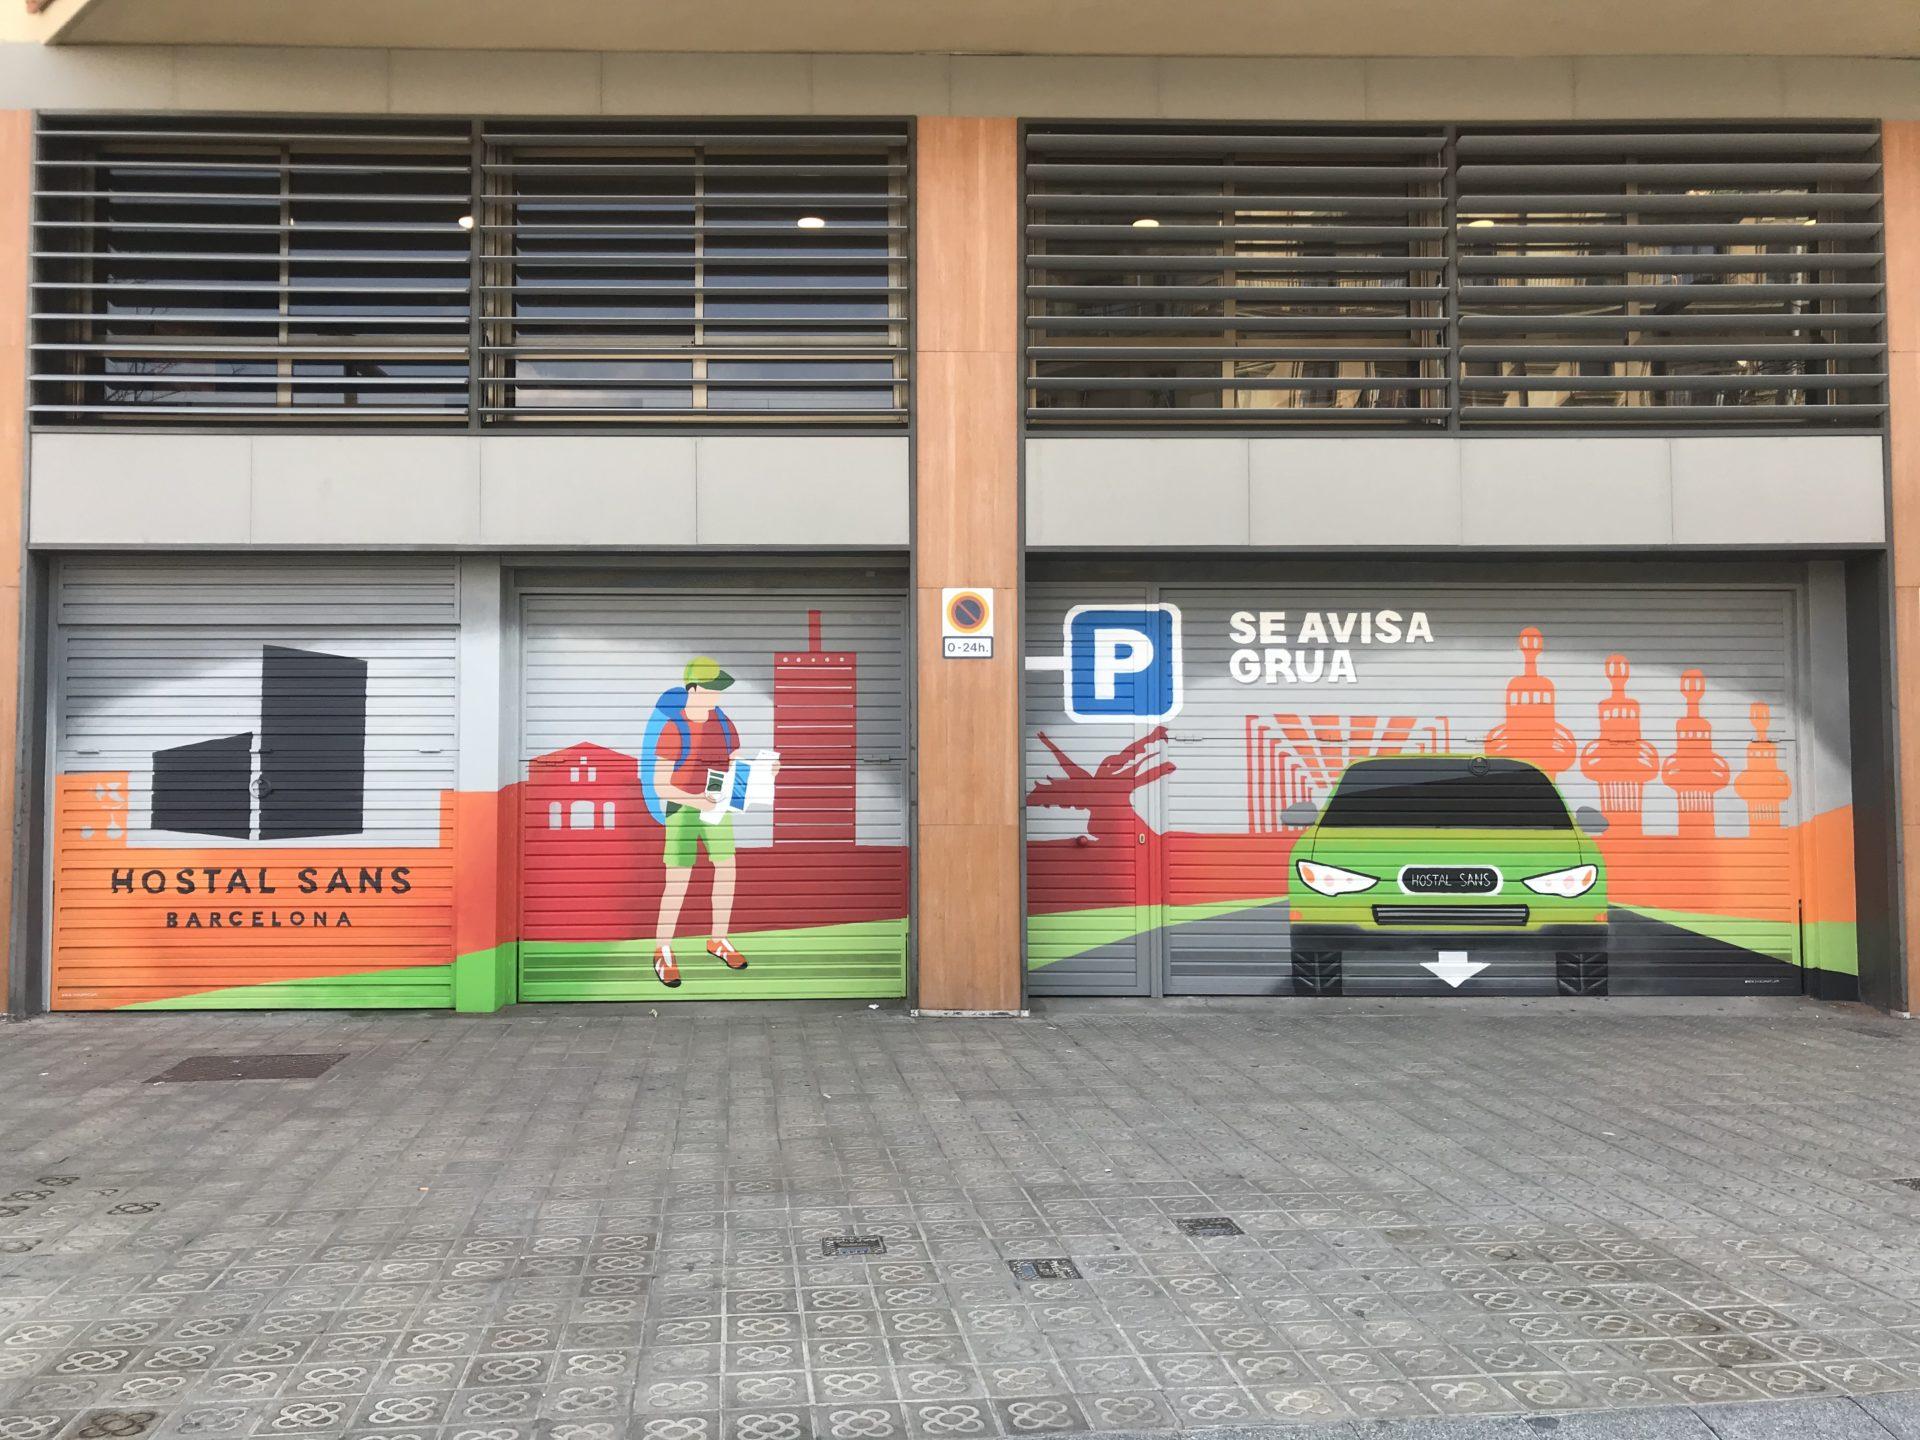 Graffiti hostal sans